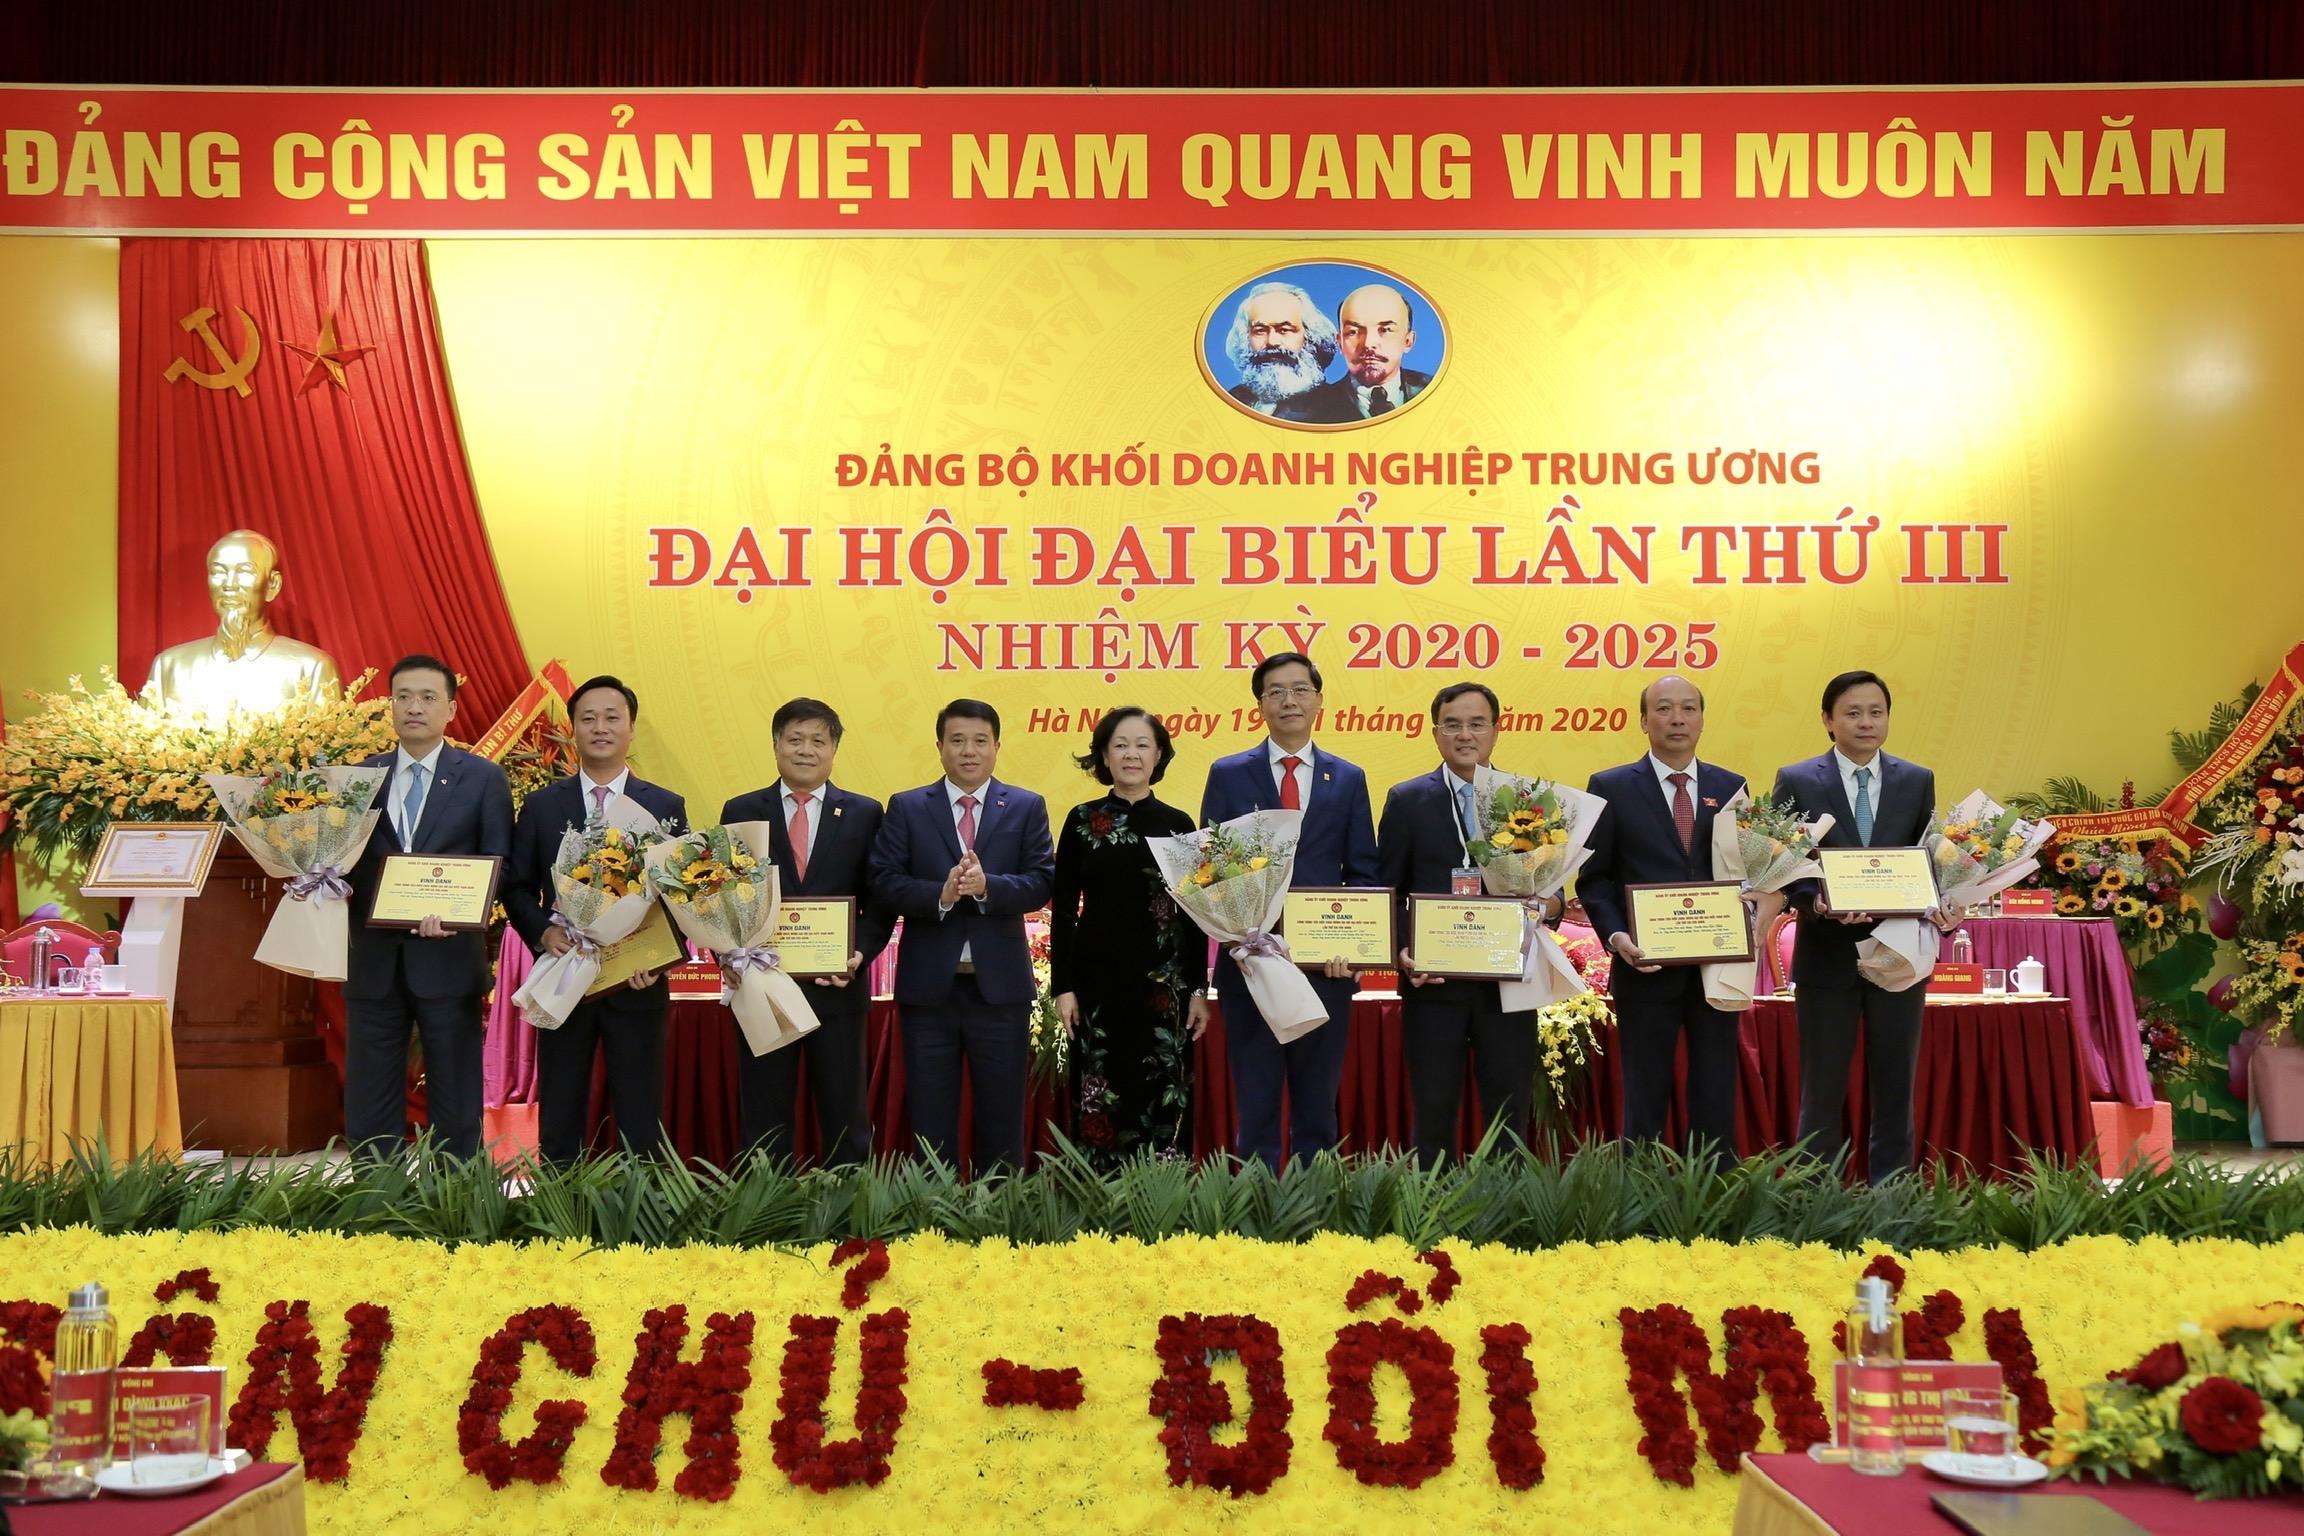 Đại hội đại biểu Đảng bộ Khối Doanh nghiệp Trung ương thành công tốt đẹp - Ảnh 8